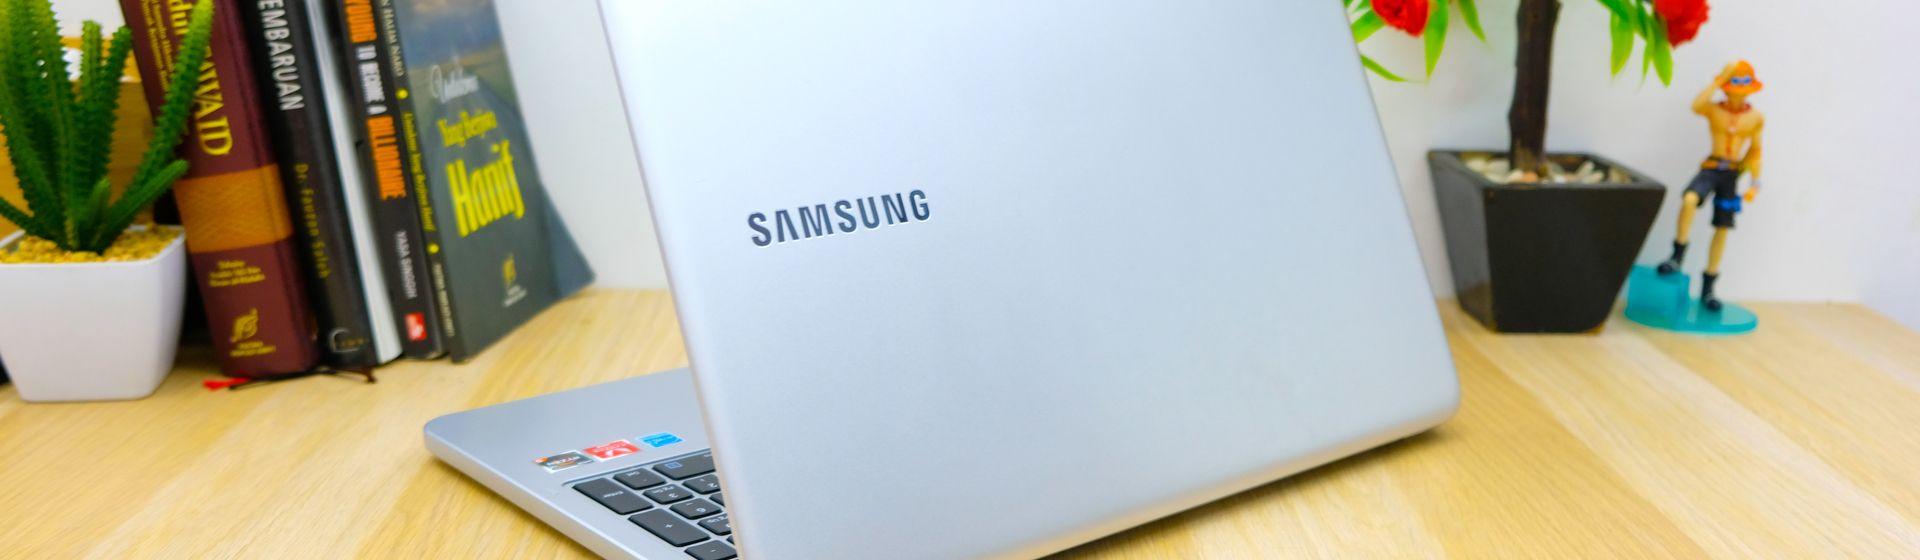 Samsung Expert X40 é bom? Analisamos o notebook com Intel Core i5